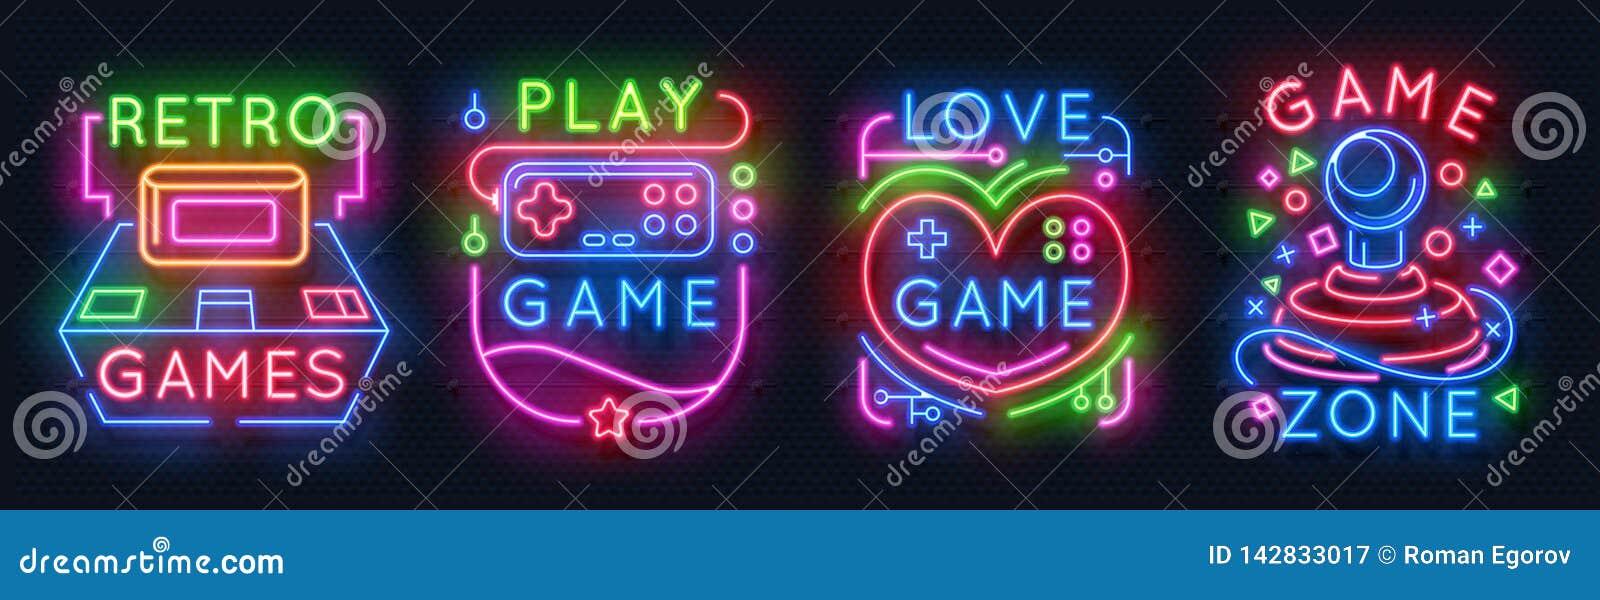 De tekens van het neonspel Retro videospelletjesstreek, de gloeiende emblemen van de spelerruimte, nacht lichte etiketten Vector